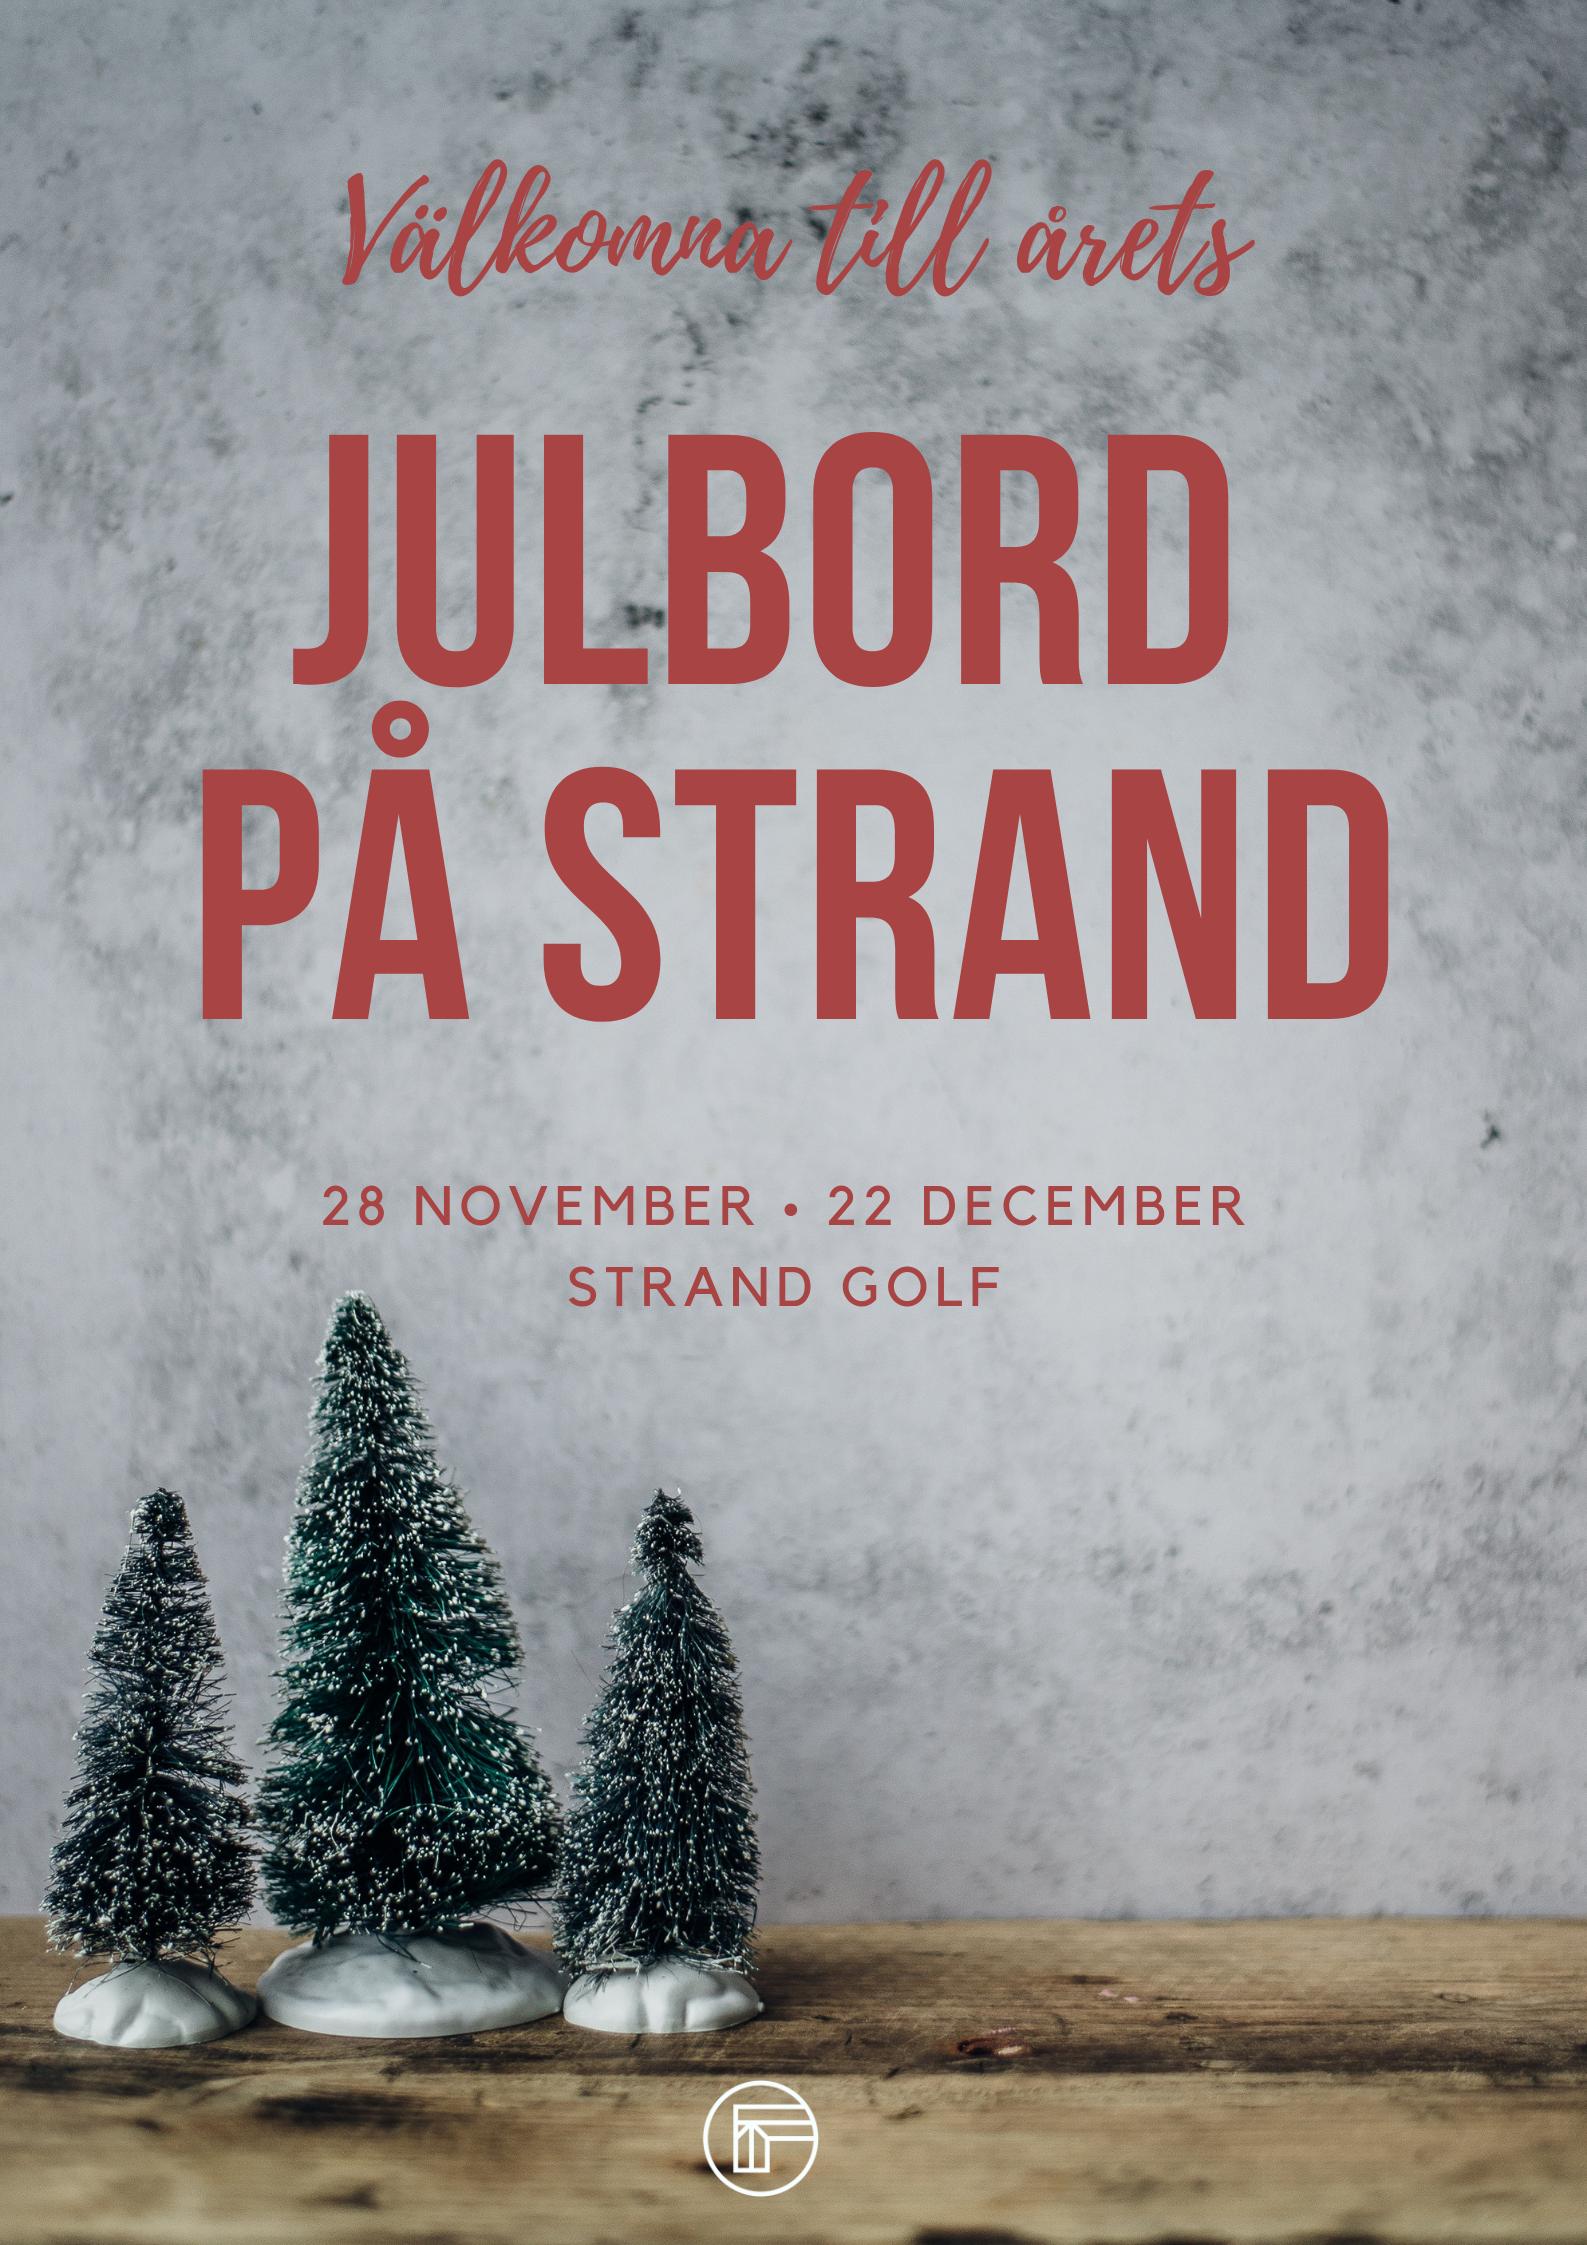 Julbord på Strand 2019 - Vi tar nu emot bokning för julbord, för mer information klicka här. För bokning vänligen maila info@strandgolf.se eller ring till restaurangen på 016-39 51 65.